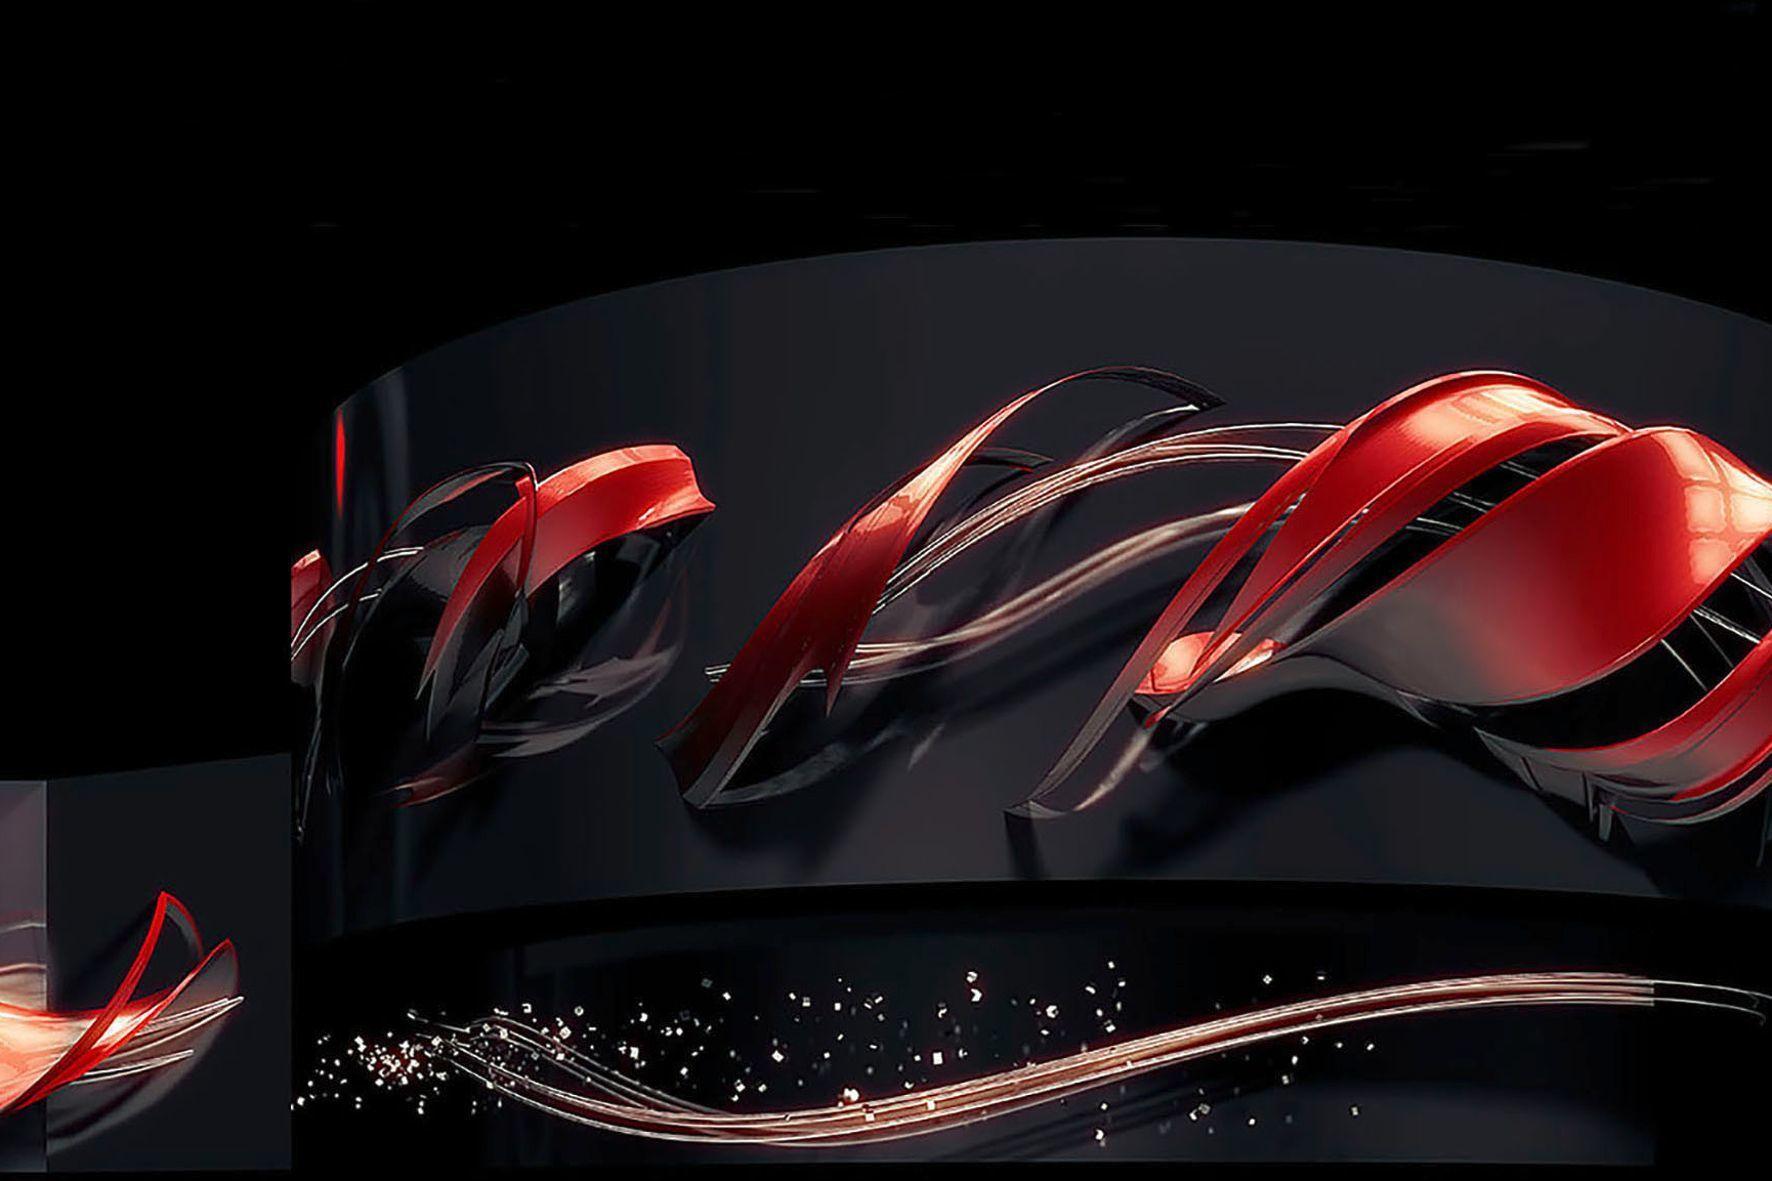 mid Groß-Gerau - Vorspiel zur A5-Premiere: Audi lässt vom 25. Mai bis zum 2. Juni in Ingolstadt mit Licht spielen.